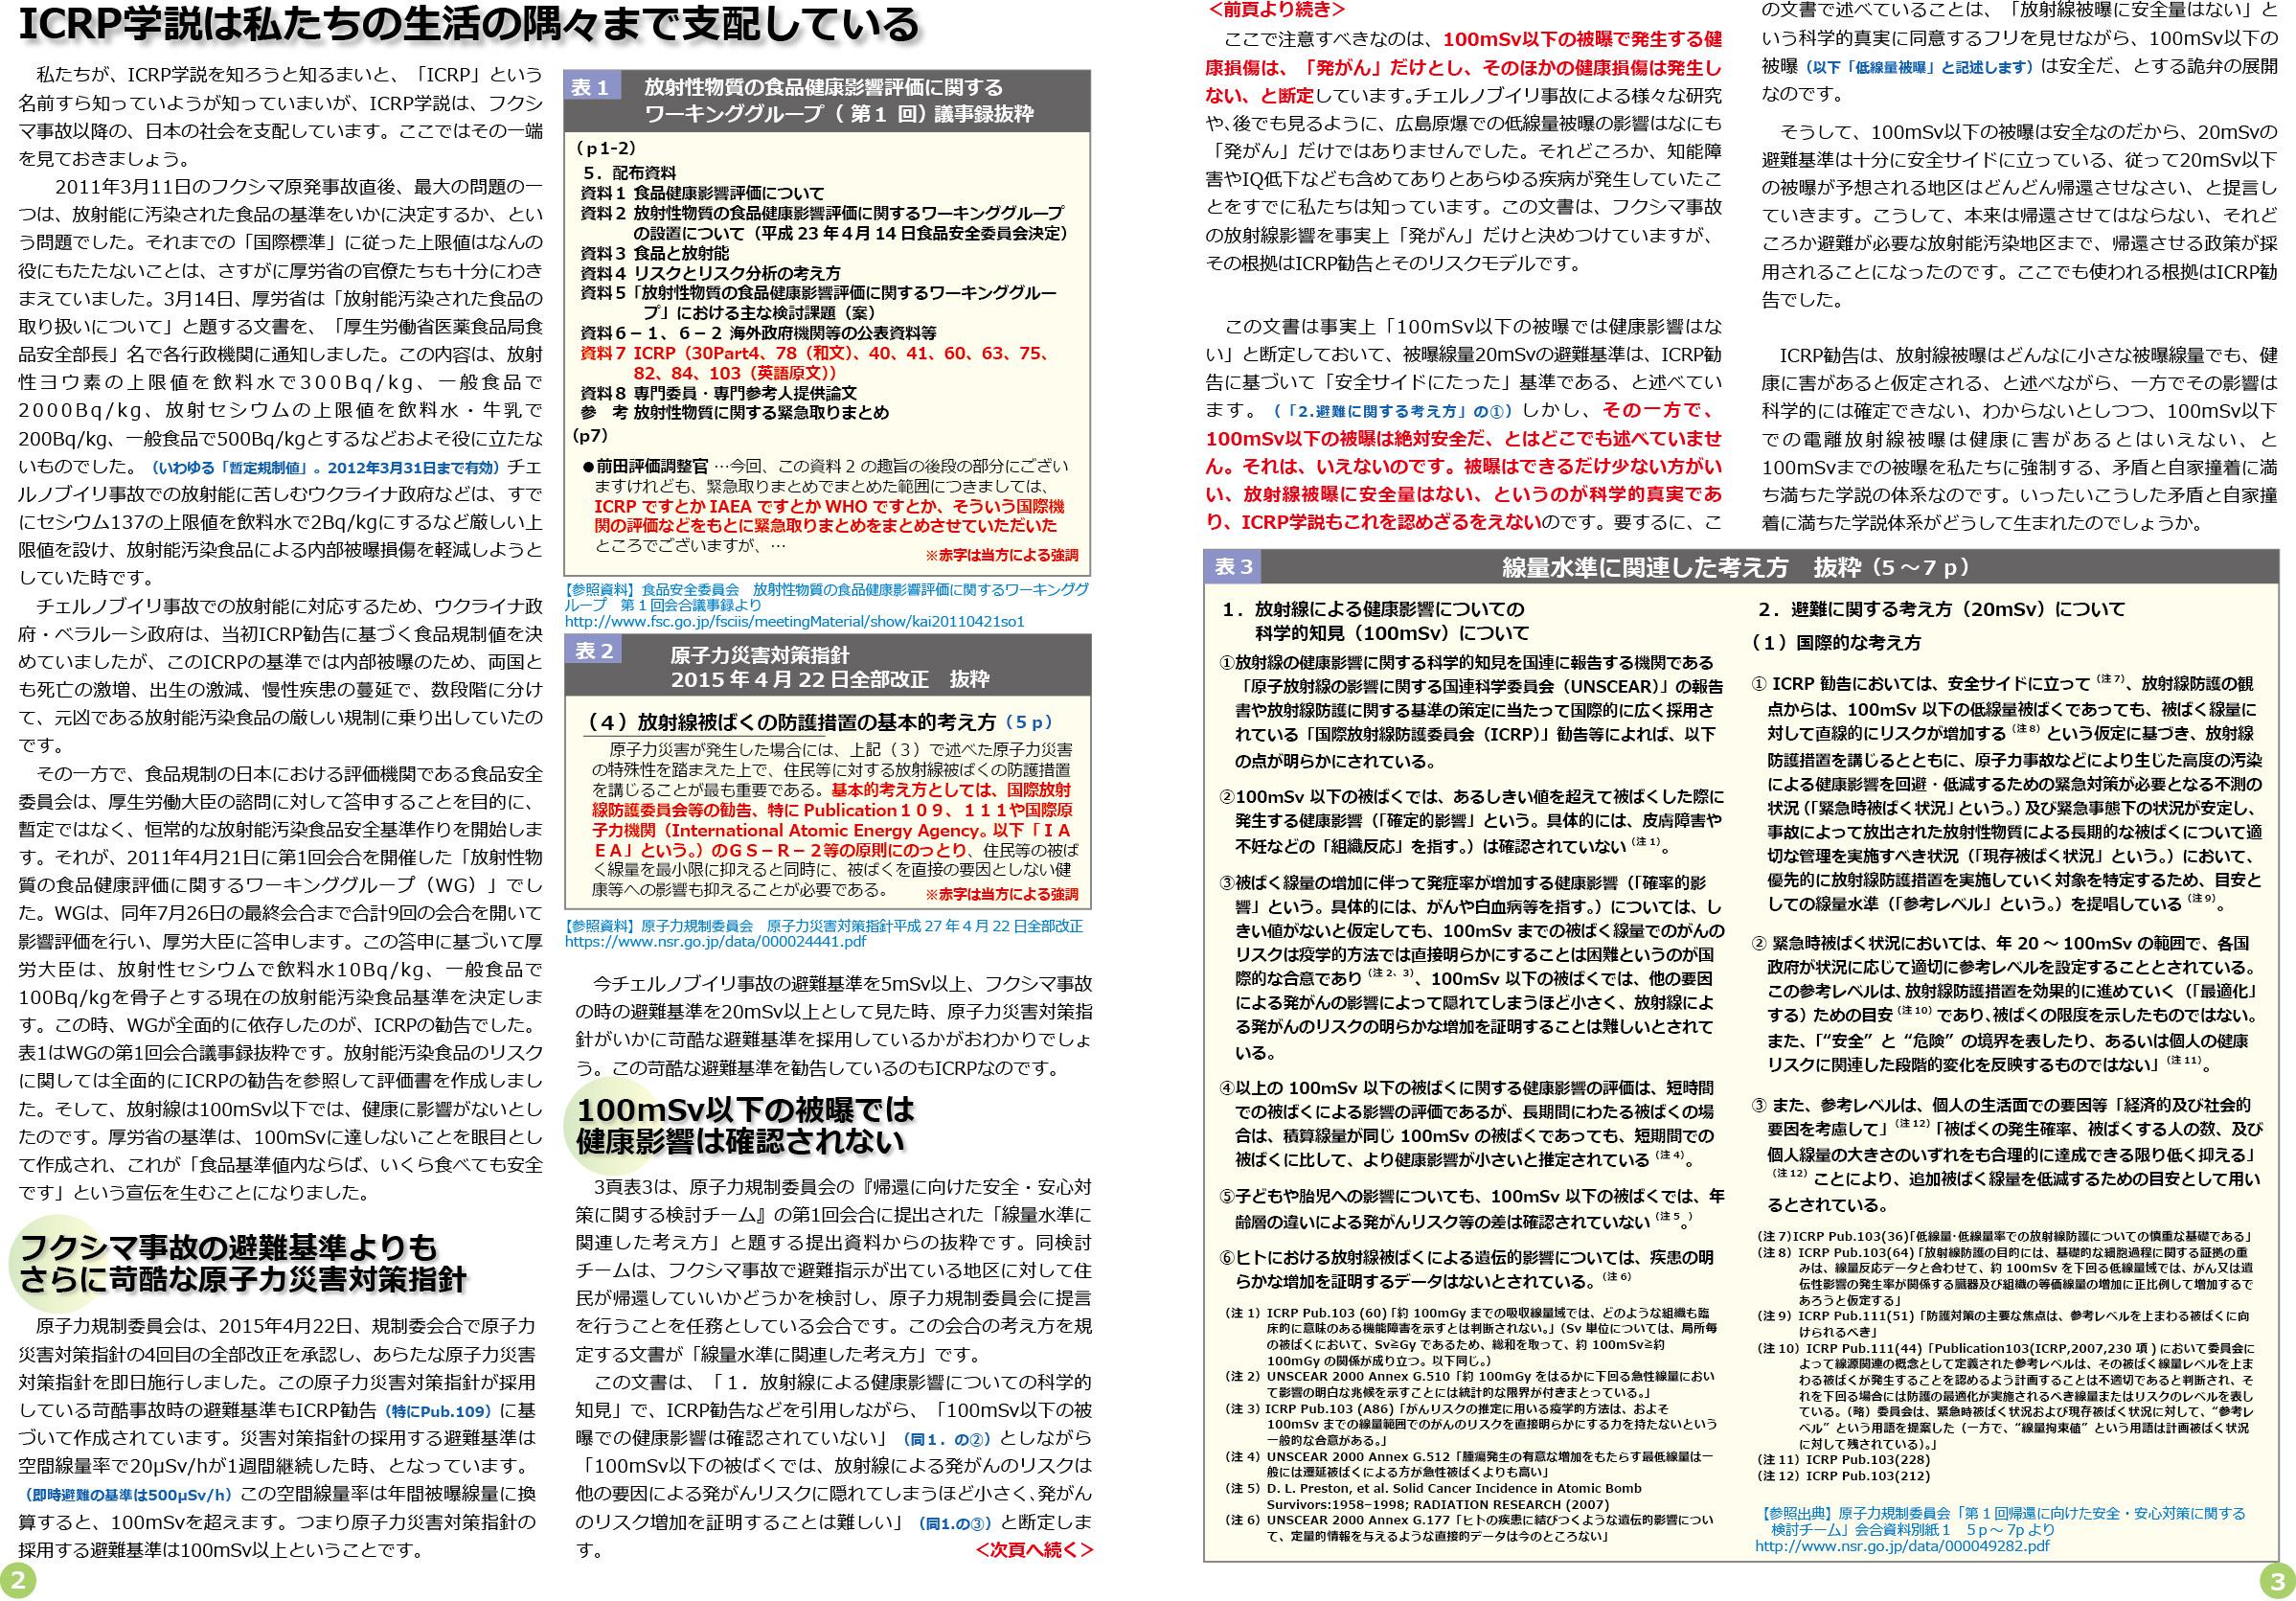 ファイル 419-2.jpg